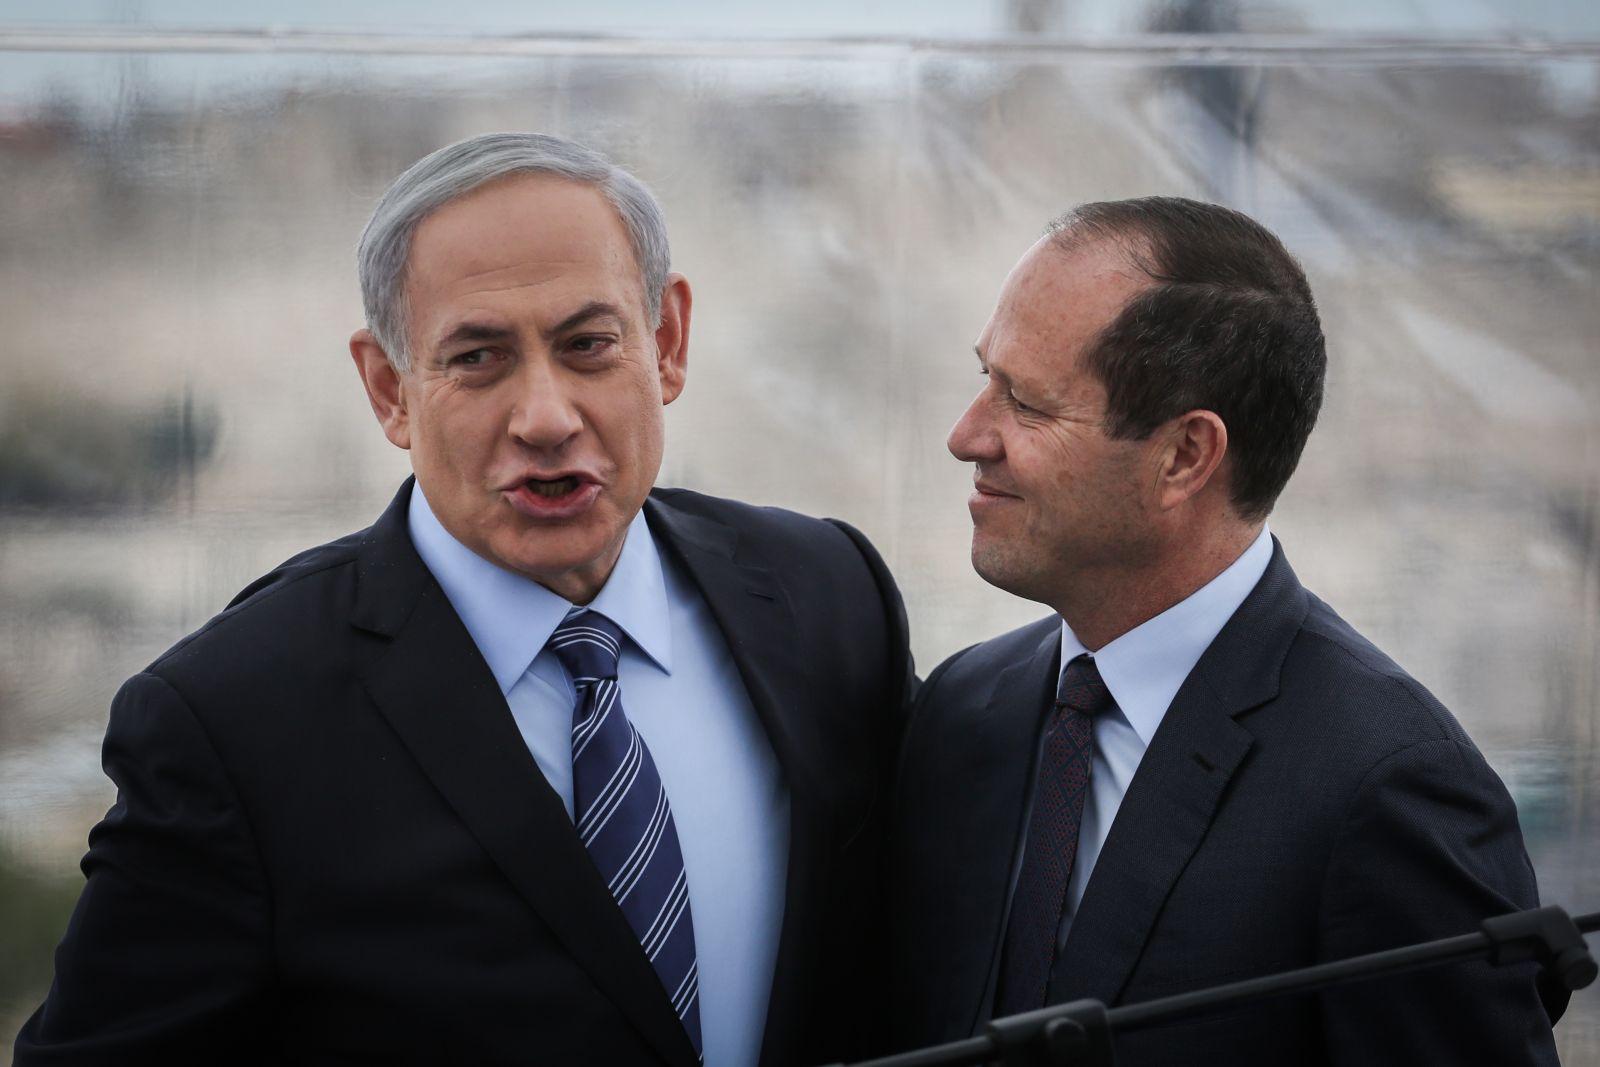 مقرب من نتنياهو: سيسلم الراية ولن يطلب التمديد